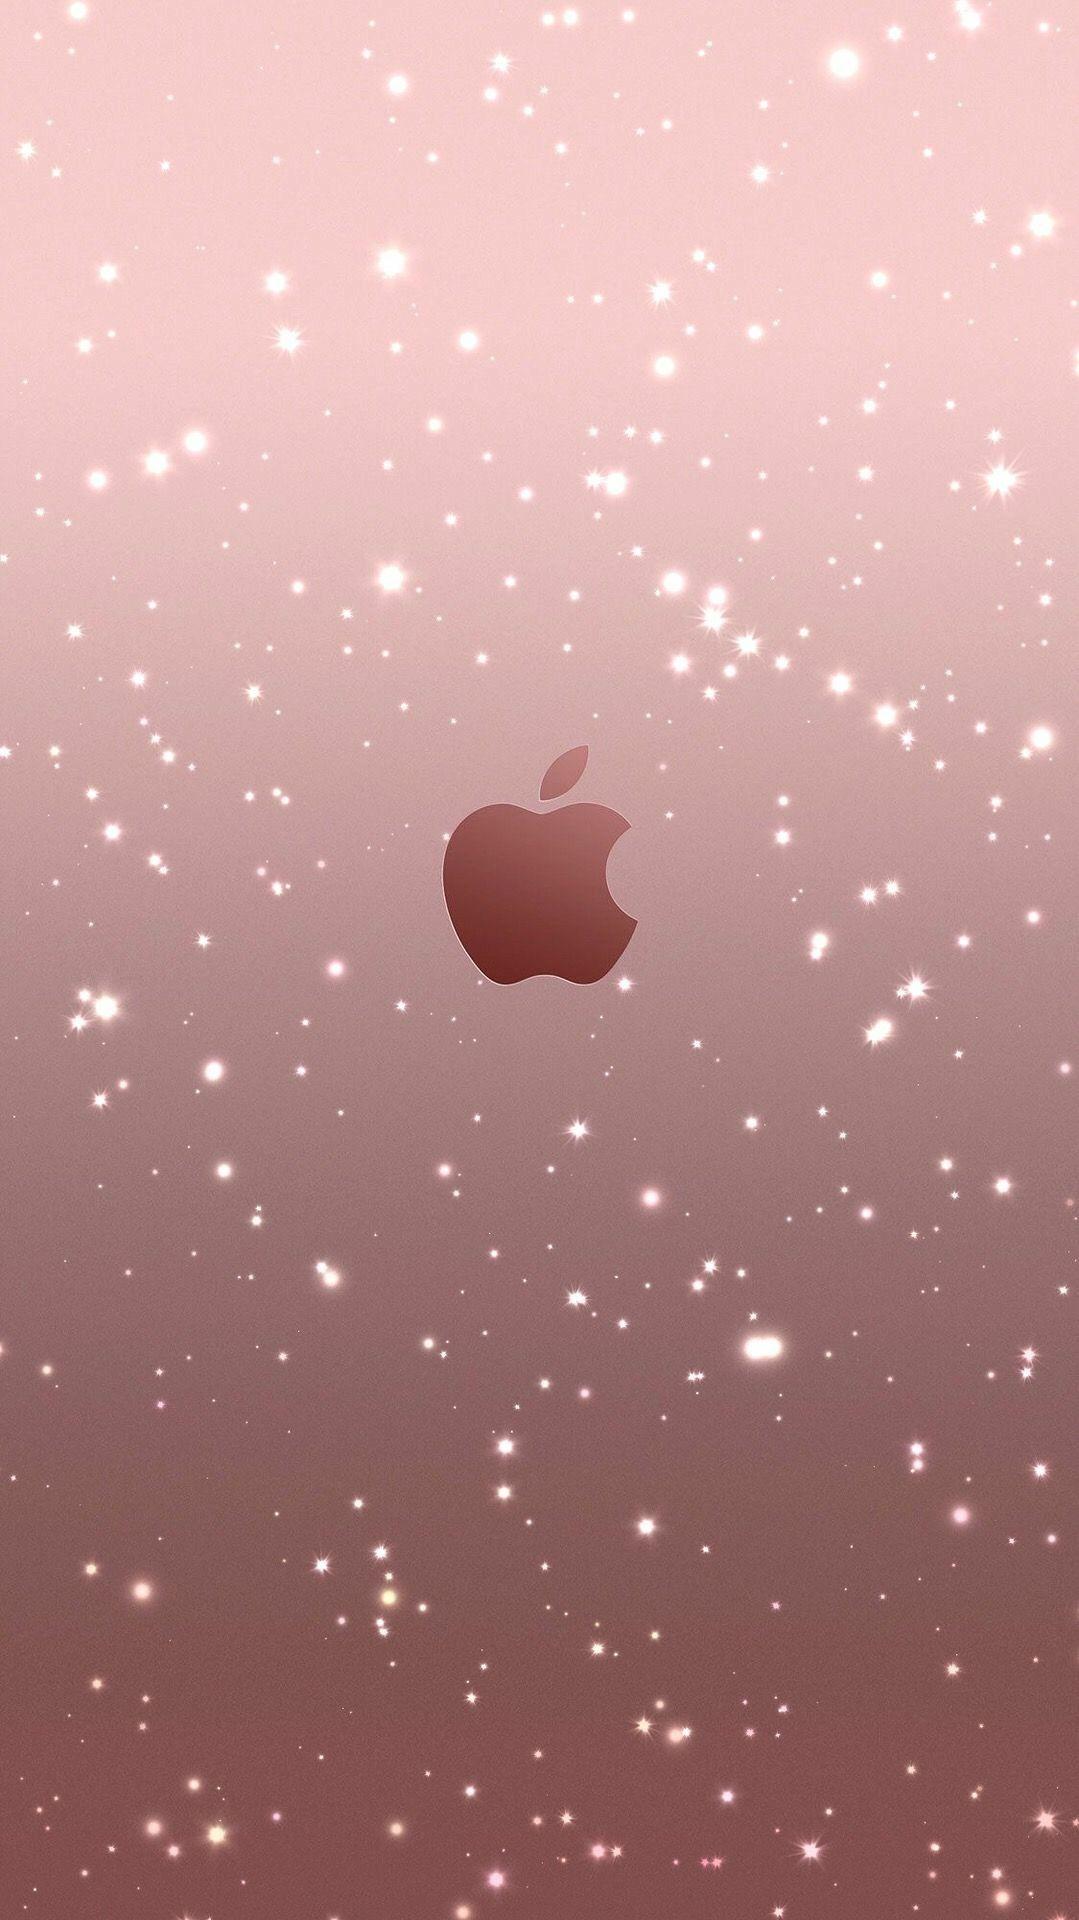 Fond D écran Apple En 2019 Fond D écran Téléphone Fond